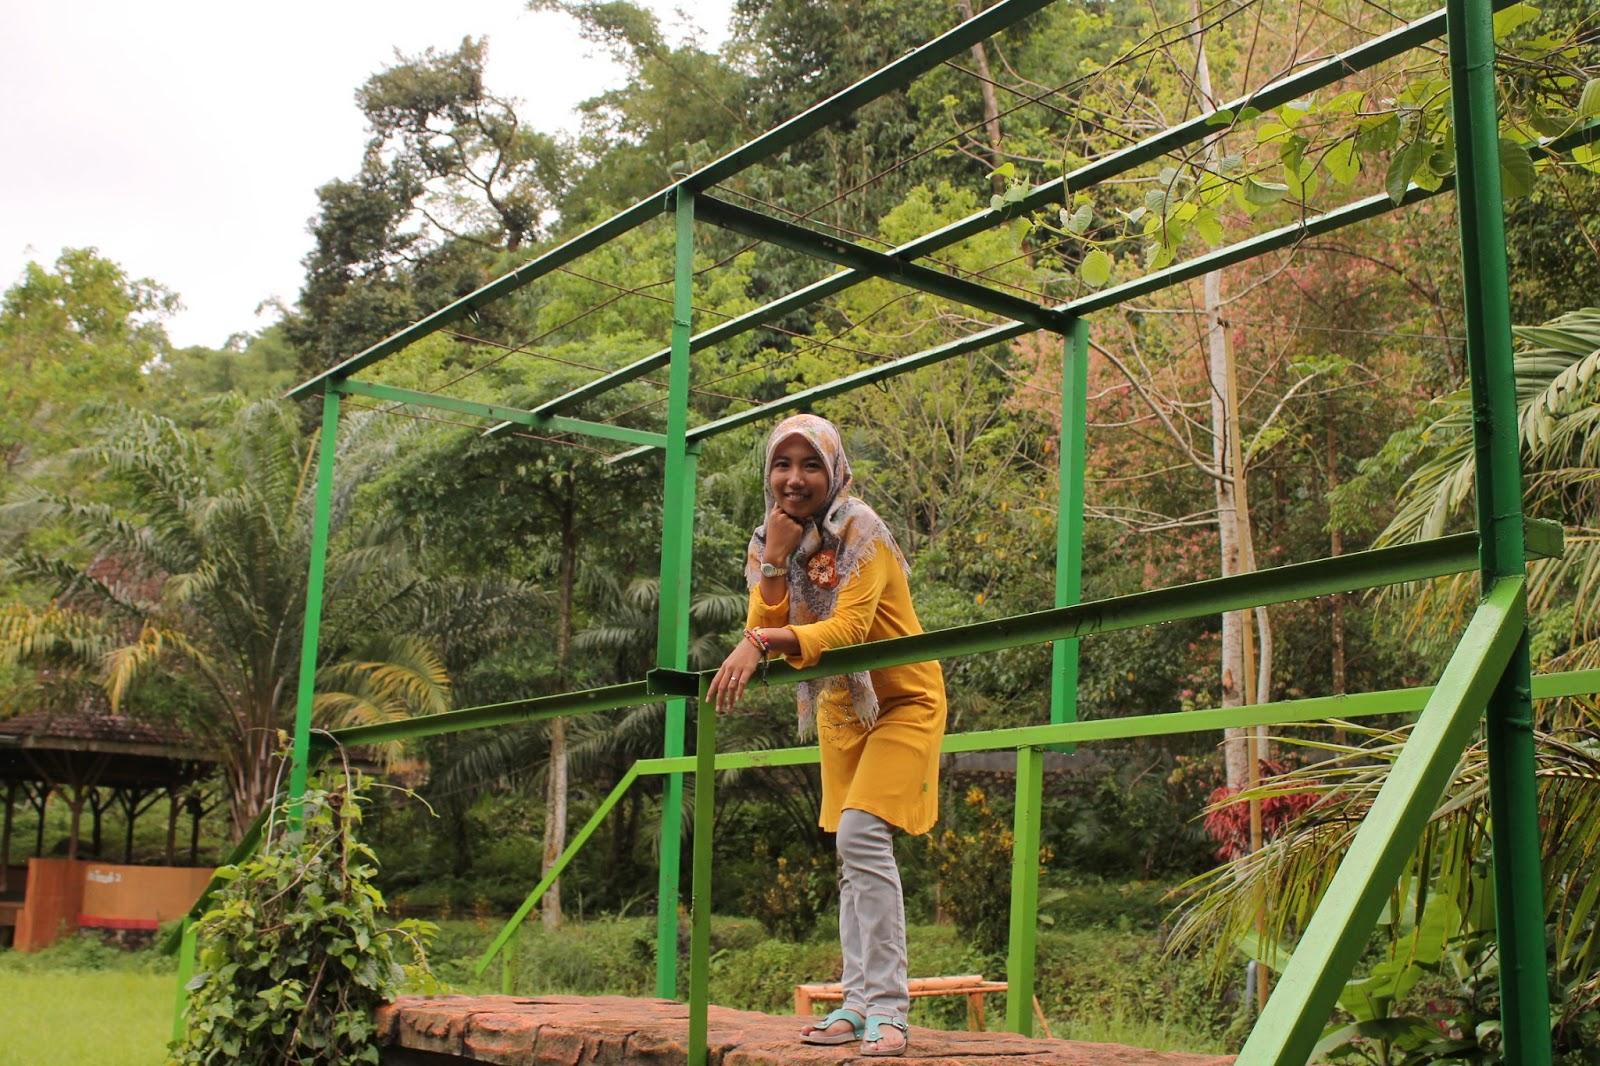 Adventure Taman Botani Sukorambi Jember Baiklah Kawand Tadi Foto Kita